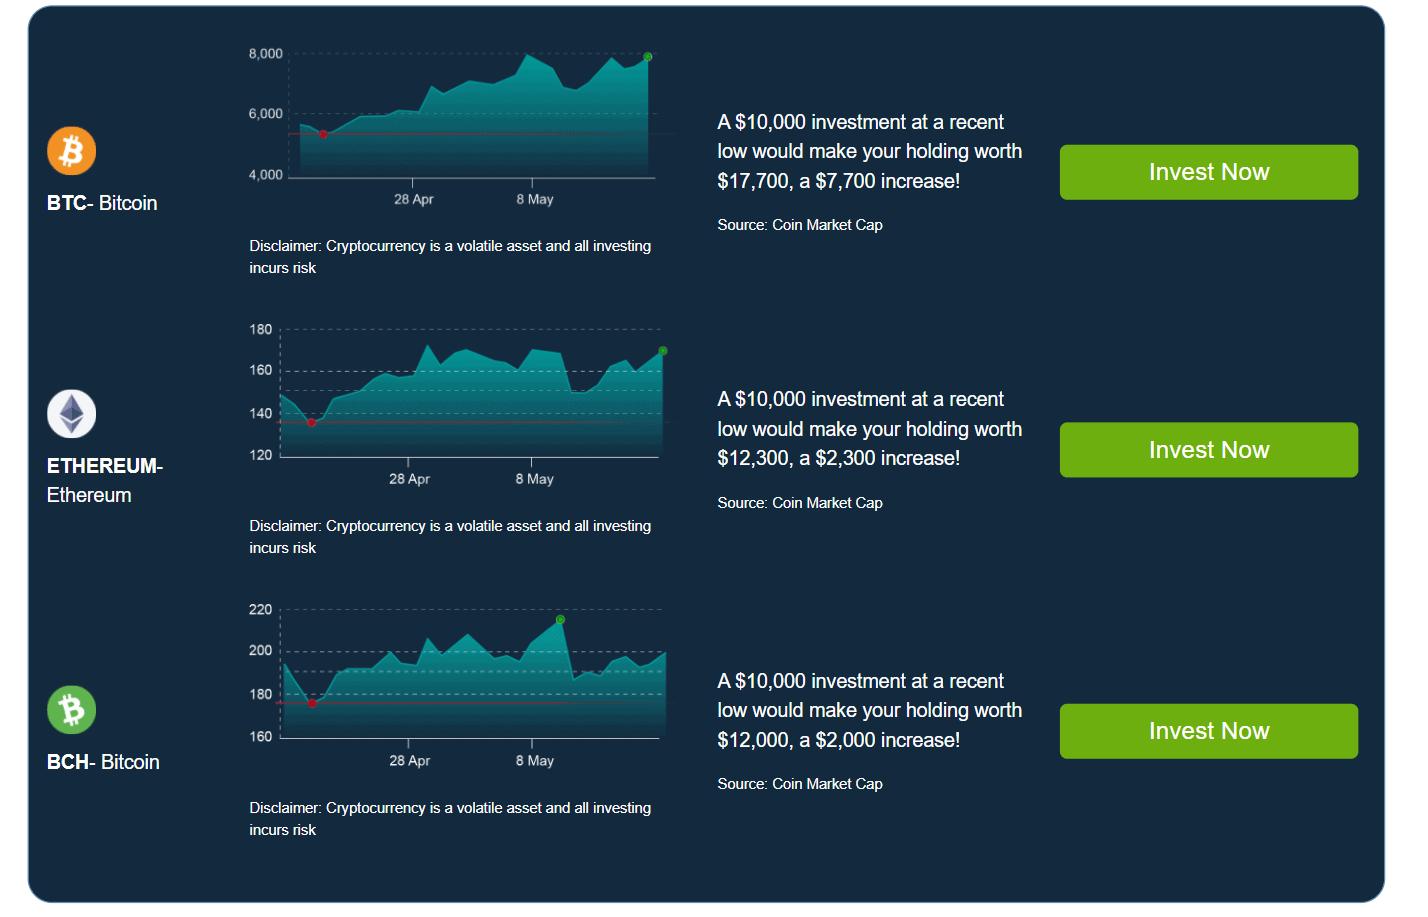 come puoi spendere bitcoin demografici degli investitori bitcoin